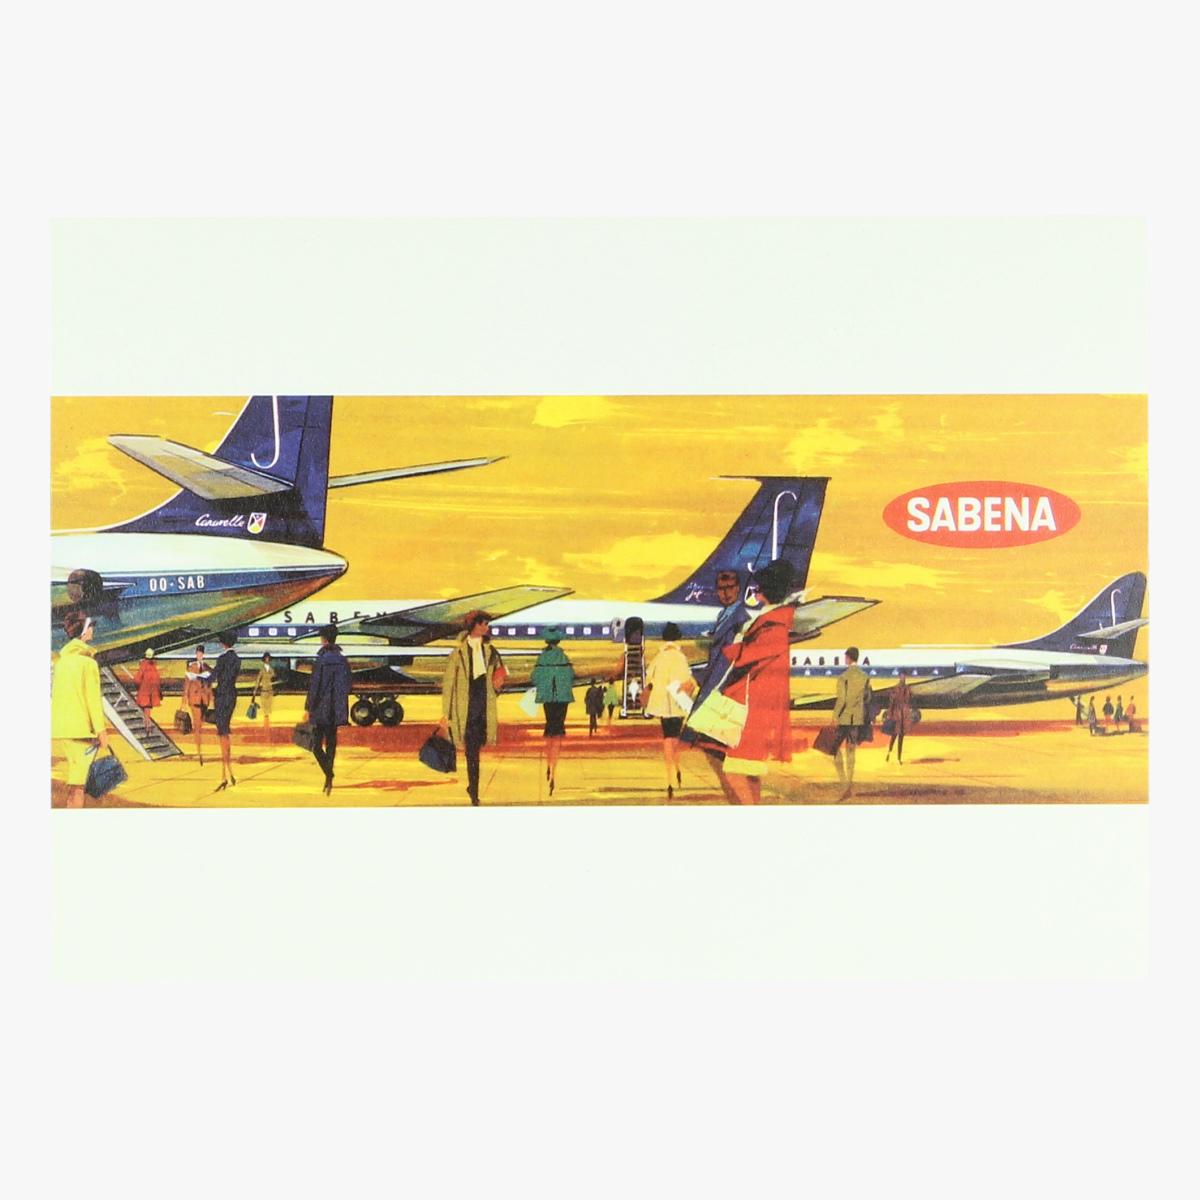 Afbeeldingen van postkaart sabena